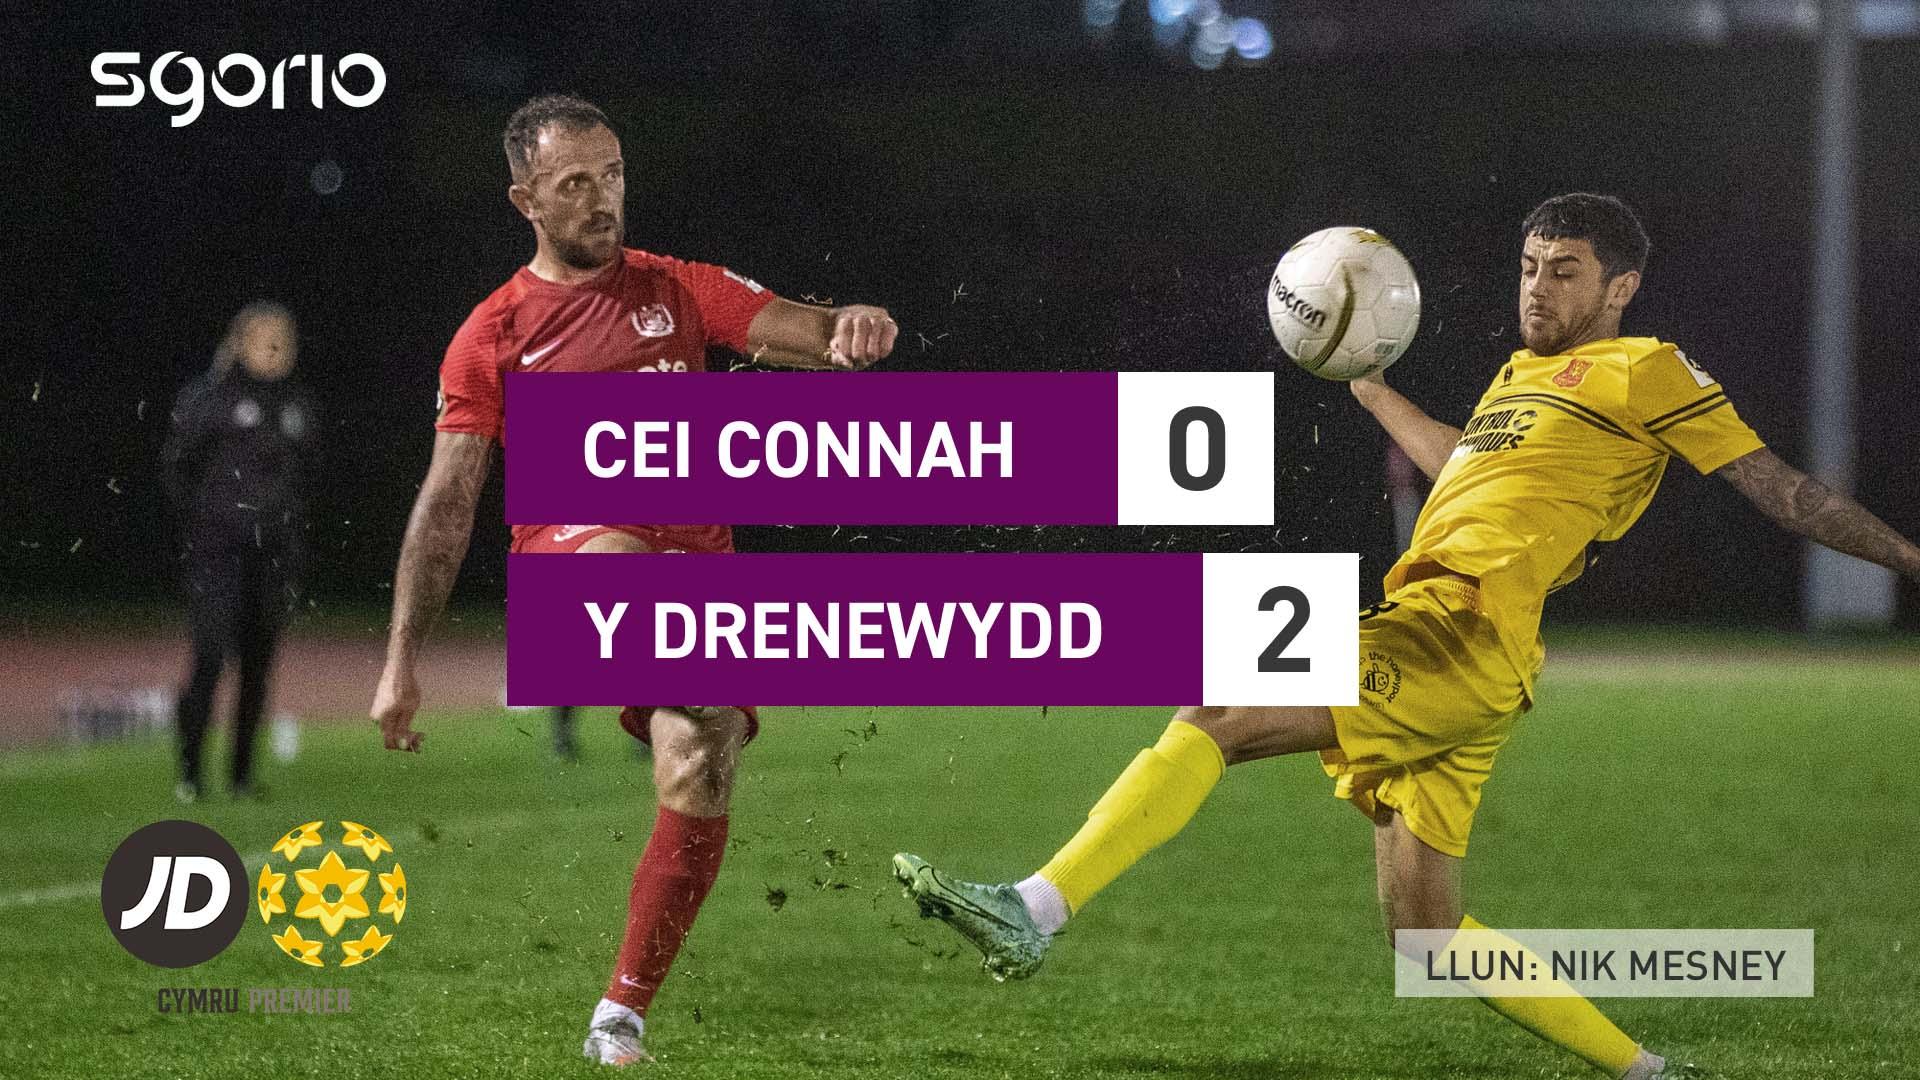 Cei Connah 0-2 Y Drenewydd